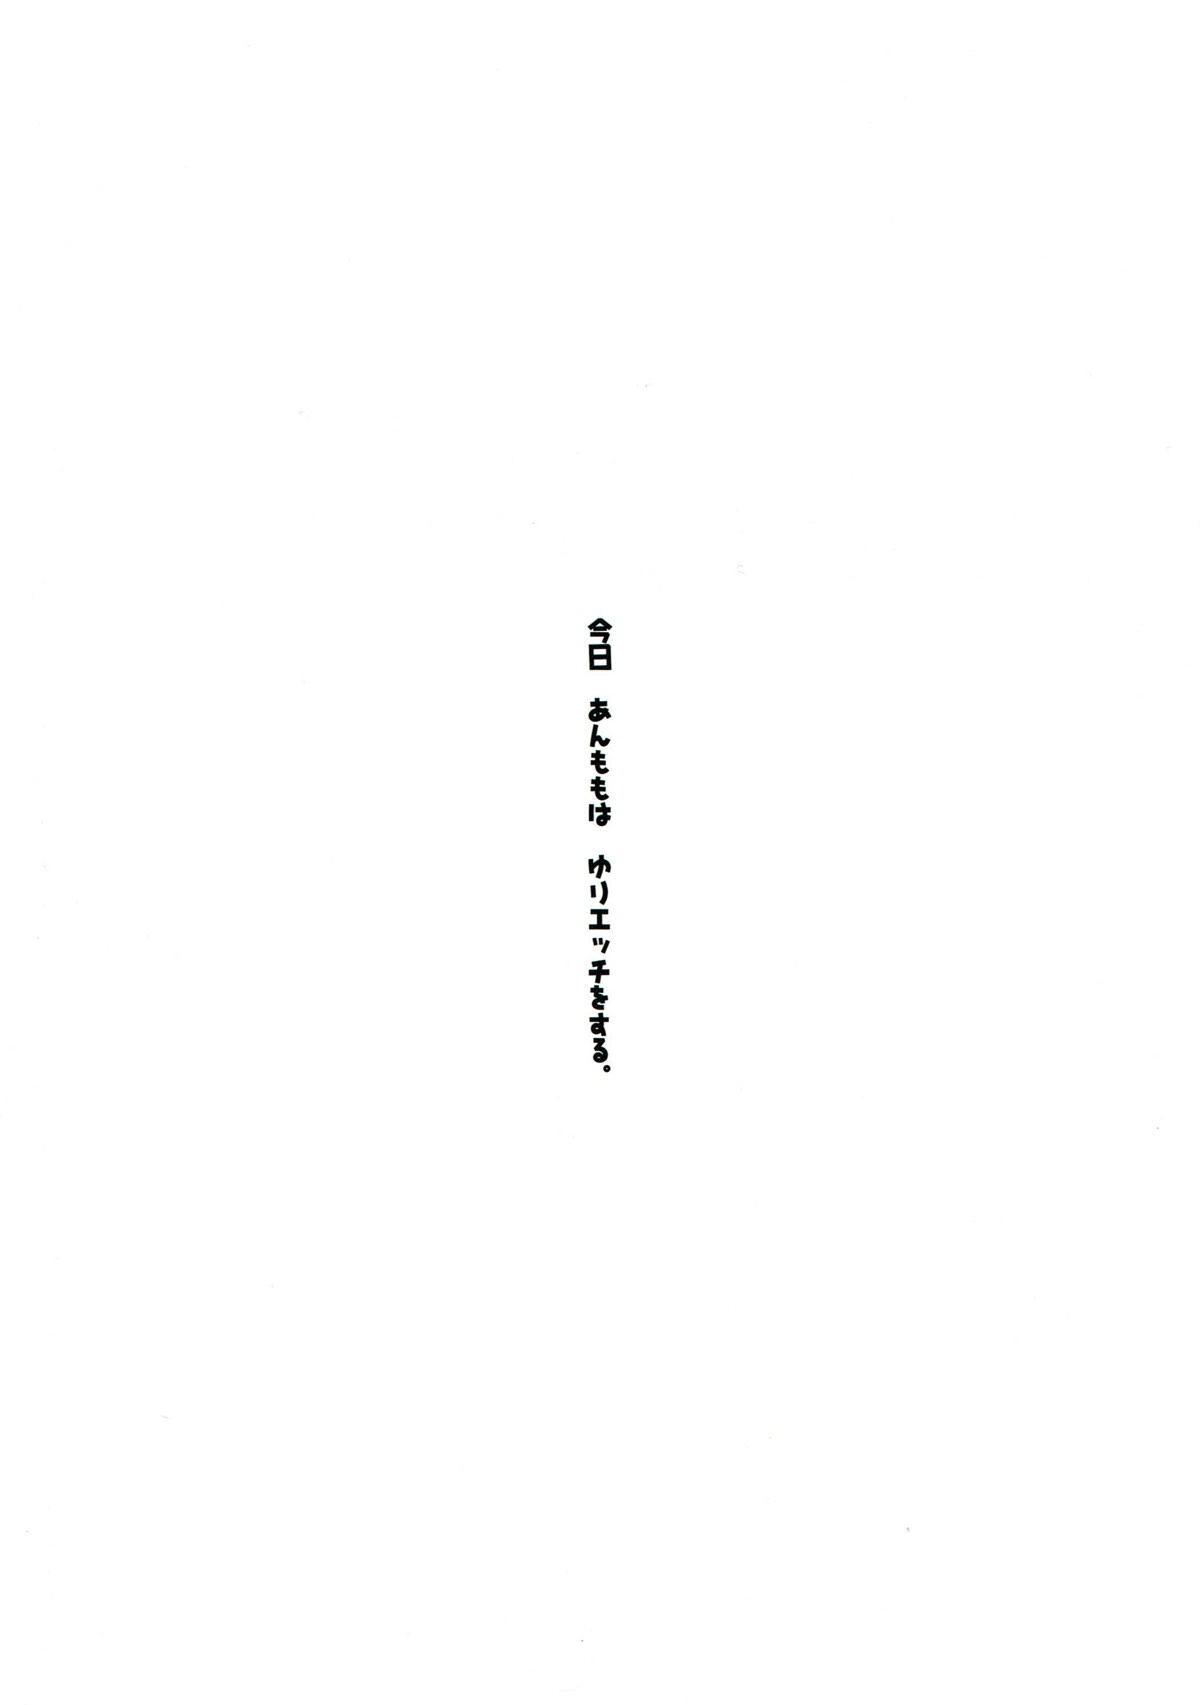 Kyou AnMomo wa Yuri Ecchi o Suru. 21